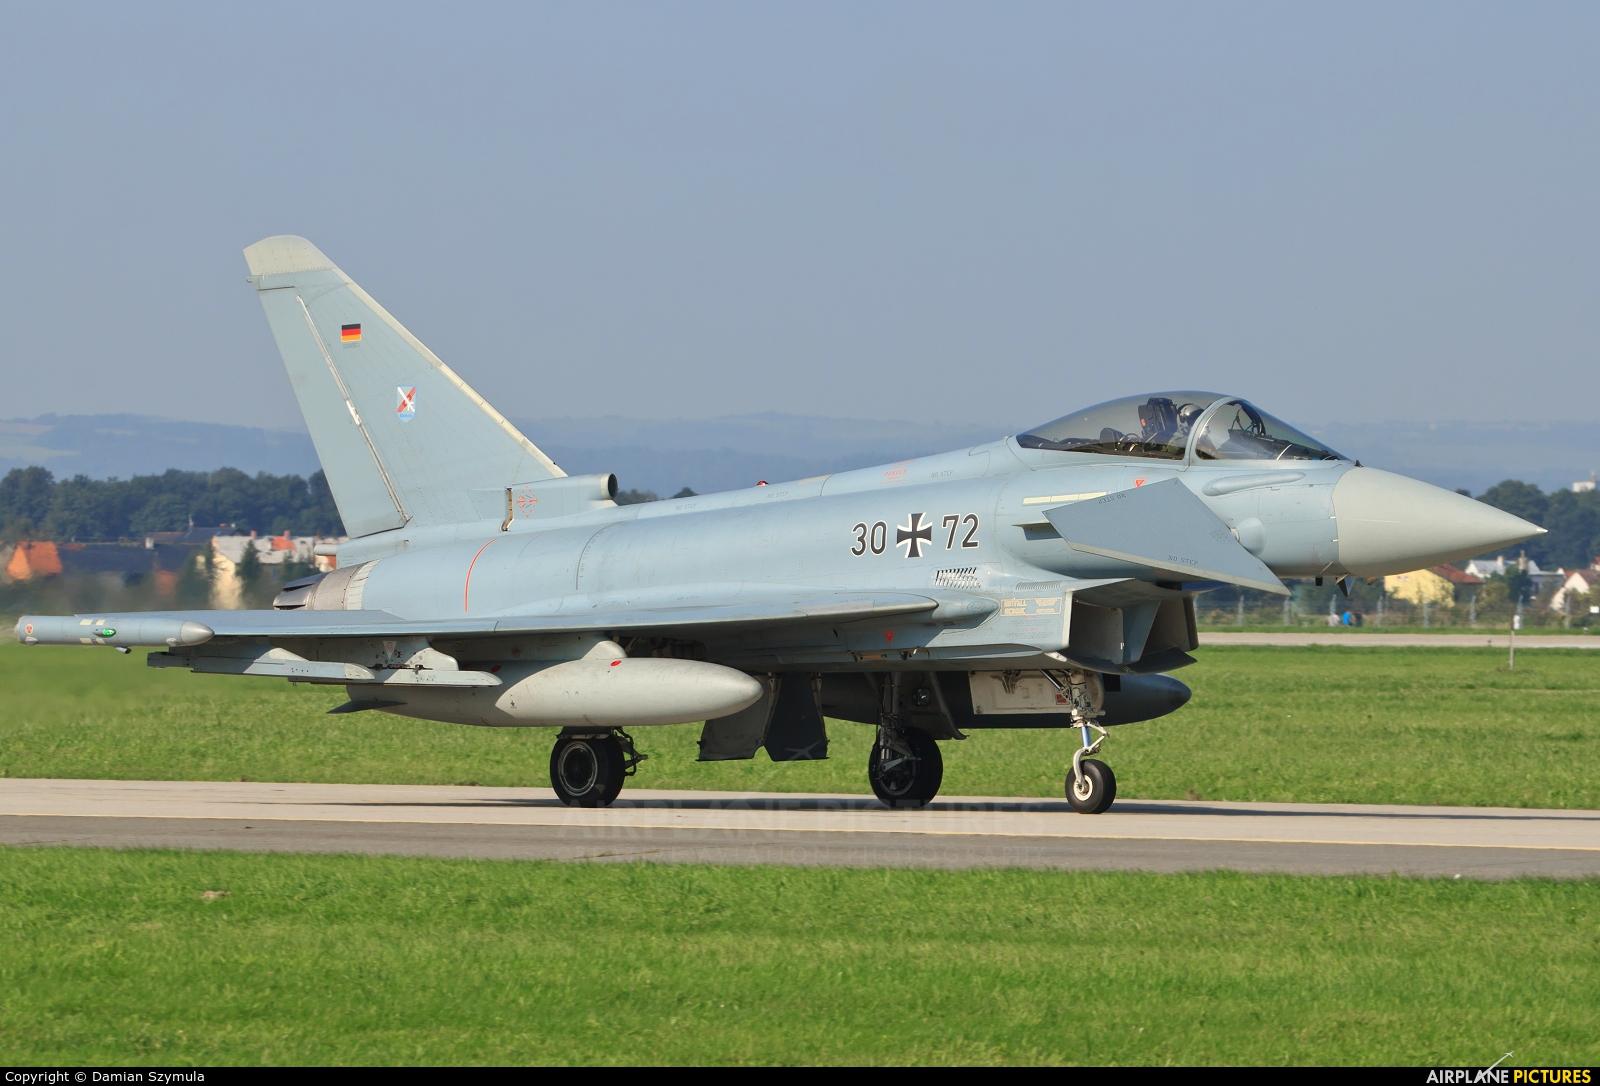 Germany - Air Force 30+72 aircraft at Ostrava Mošnov